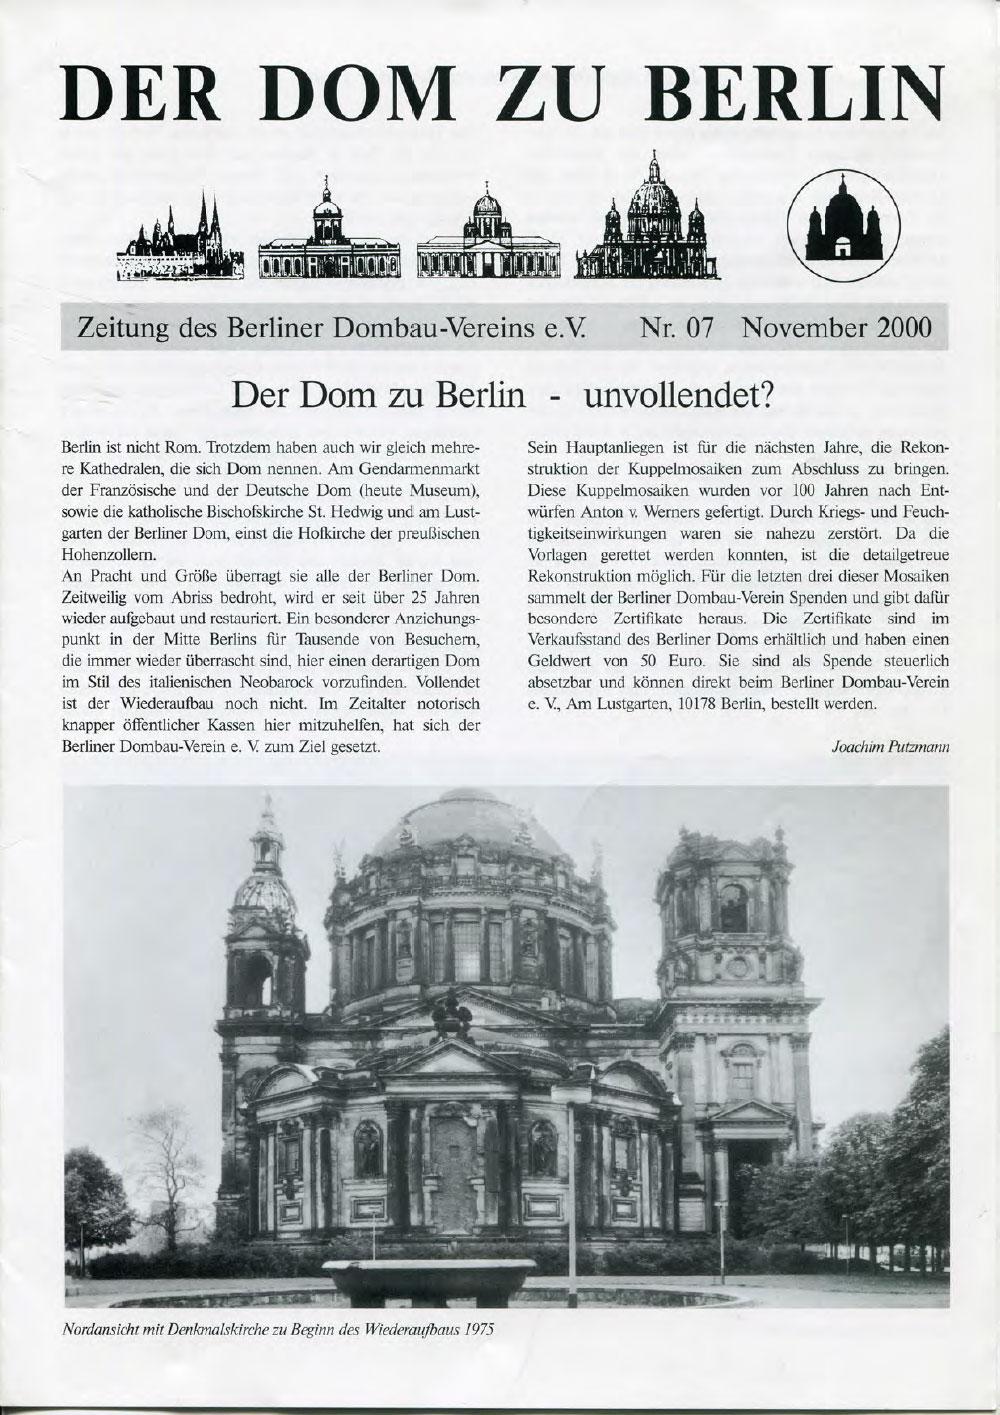 Dombau-Verein-Berlin Zeitung 07